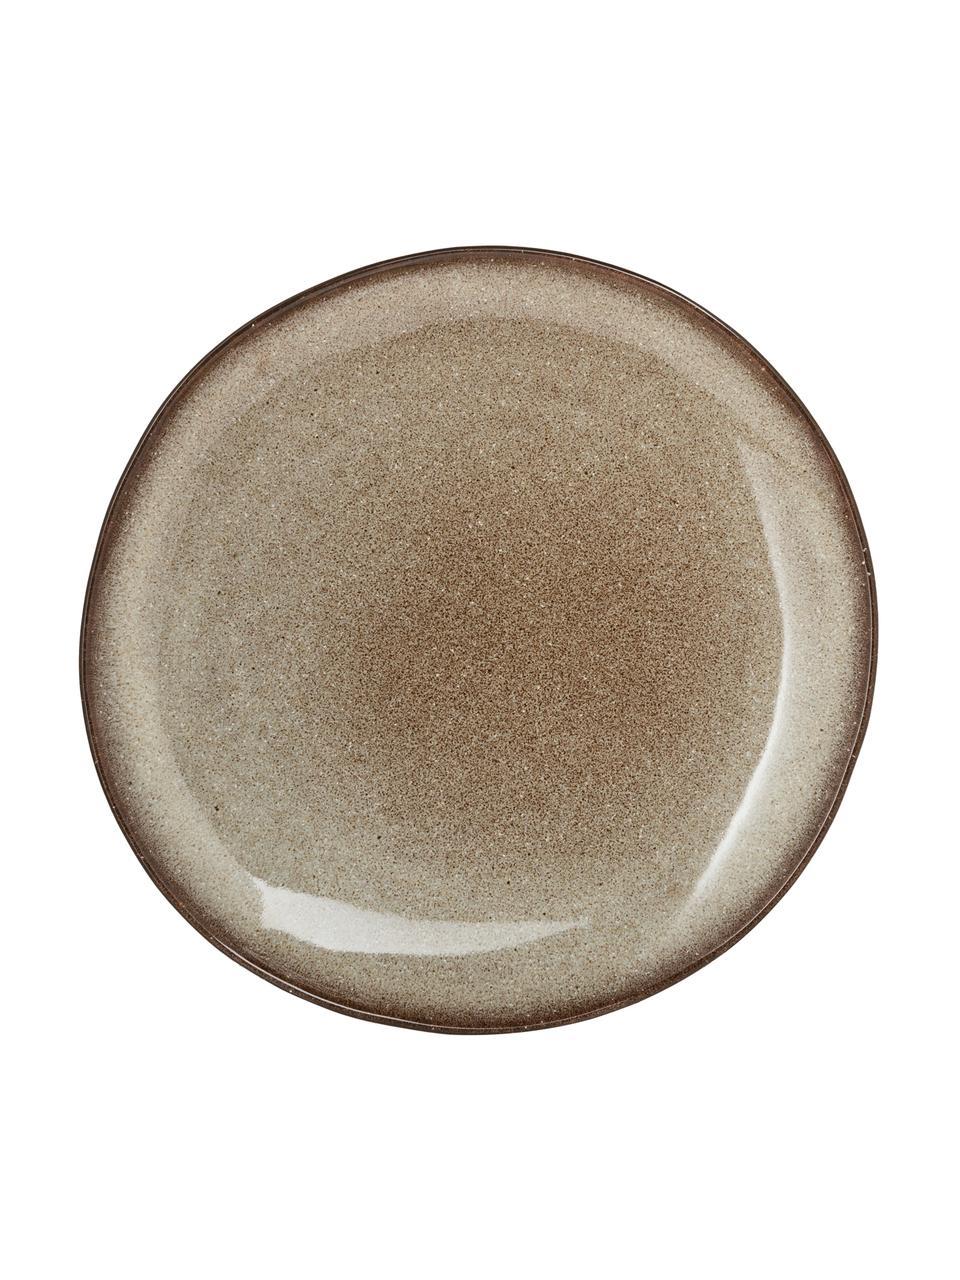 Piatto piano fatto a mano beige Sandrine, Terracotta, Tonalità beige, Ø 22 x Alt. 2 cm